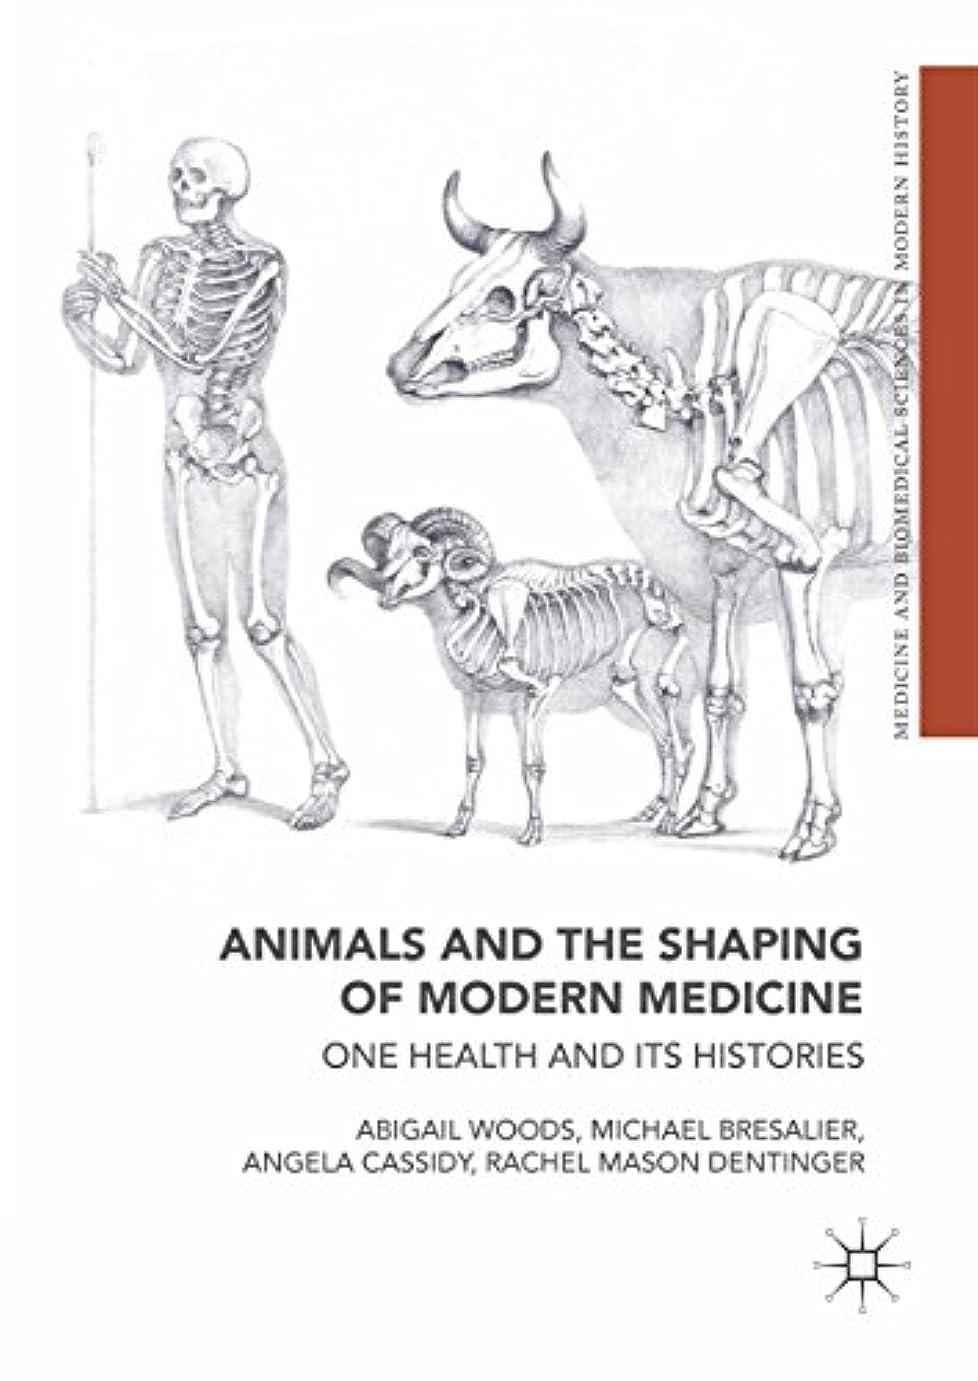 ちなみに世界的に日Animals and the Shaping of Modern Medicine: One Health and its Histories (Medicine and Biomedical Sciences in Modern History) (English Edition)